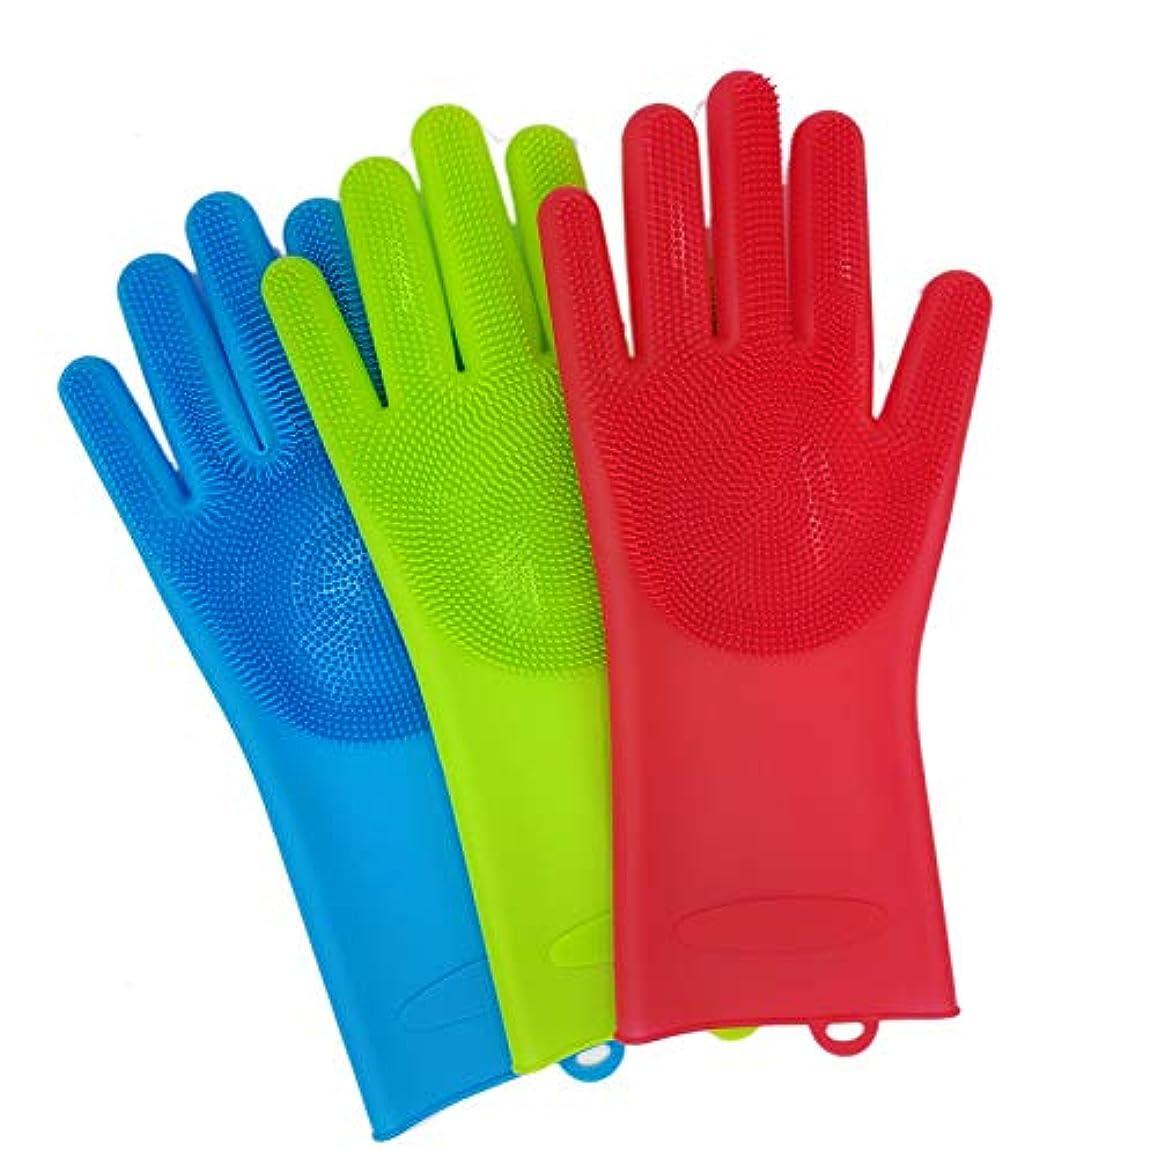 ステレオ飛行機素子BTXXYJP 手袋 ペット ブラシ 猫 ブラシ グローブ 耐摩耗 クリーナー 抜け毛取り マッサージブラシ 犬 グローブ ペット毛取りブラシ お手入れ (Color : Blue, Size : L)